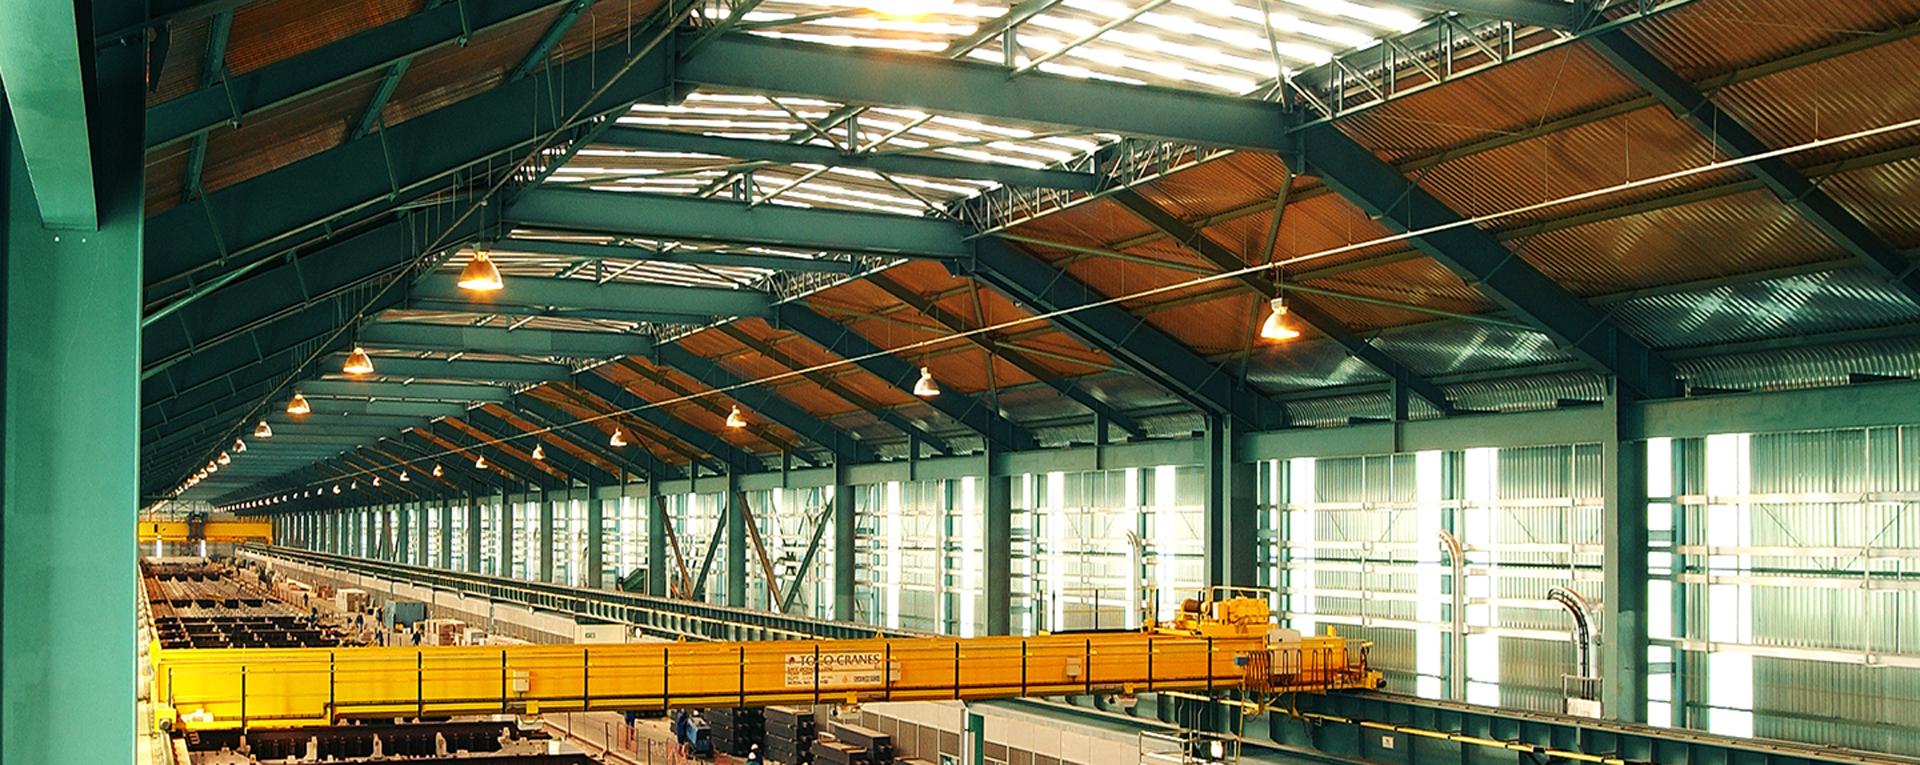 Mozal Aluminium Smelter, Mozambique